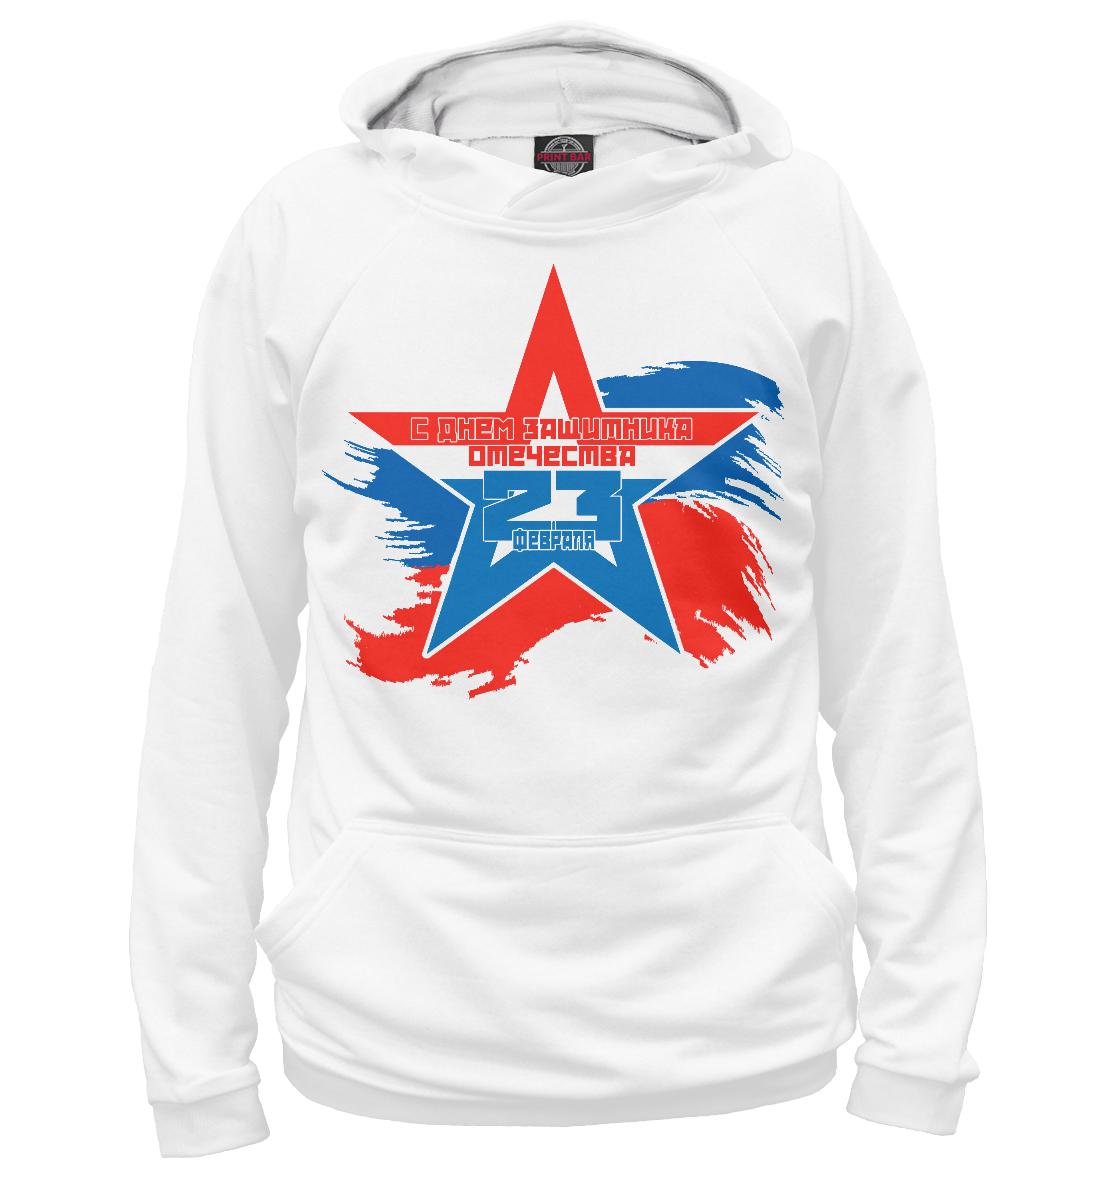 Купить Мужская футболка, Printbar, Худи, 23F-984668-hud-1